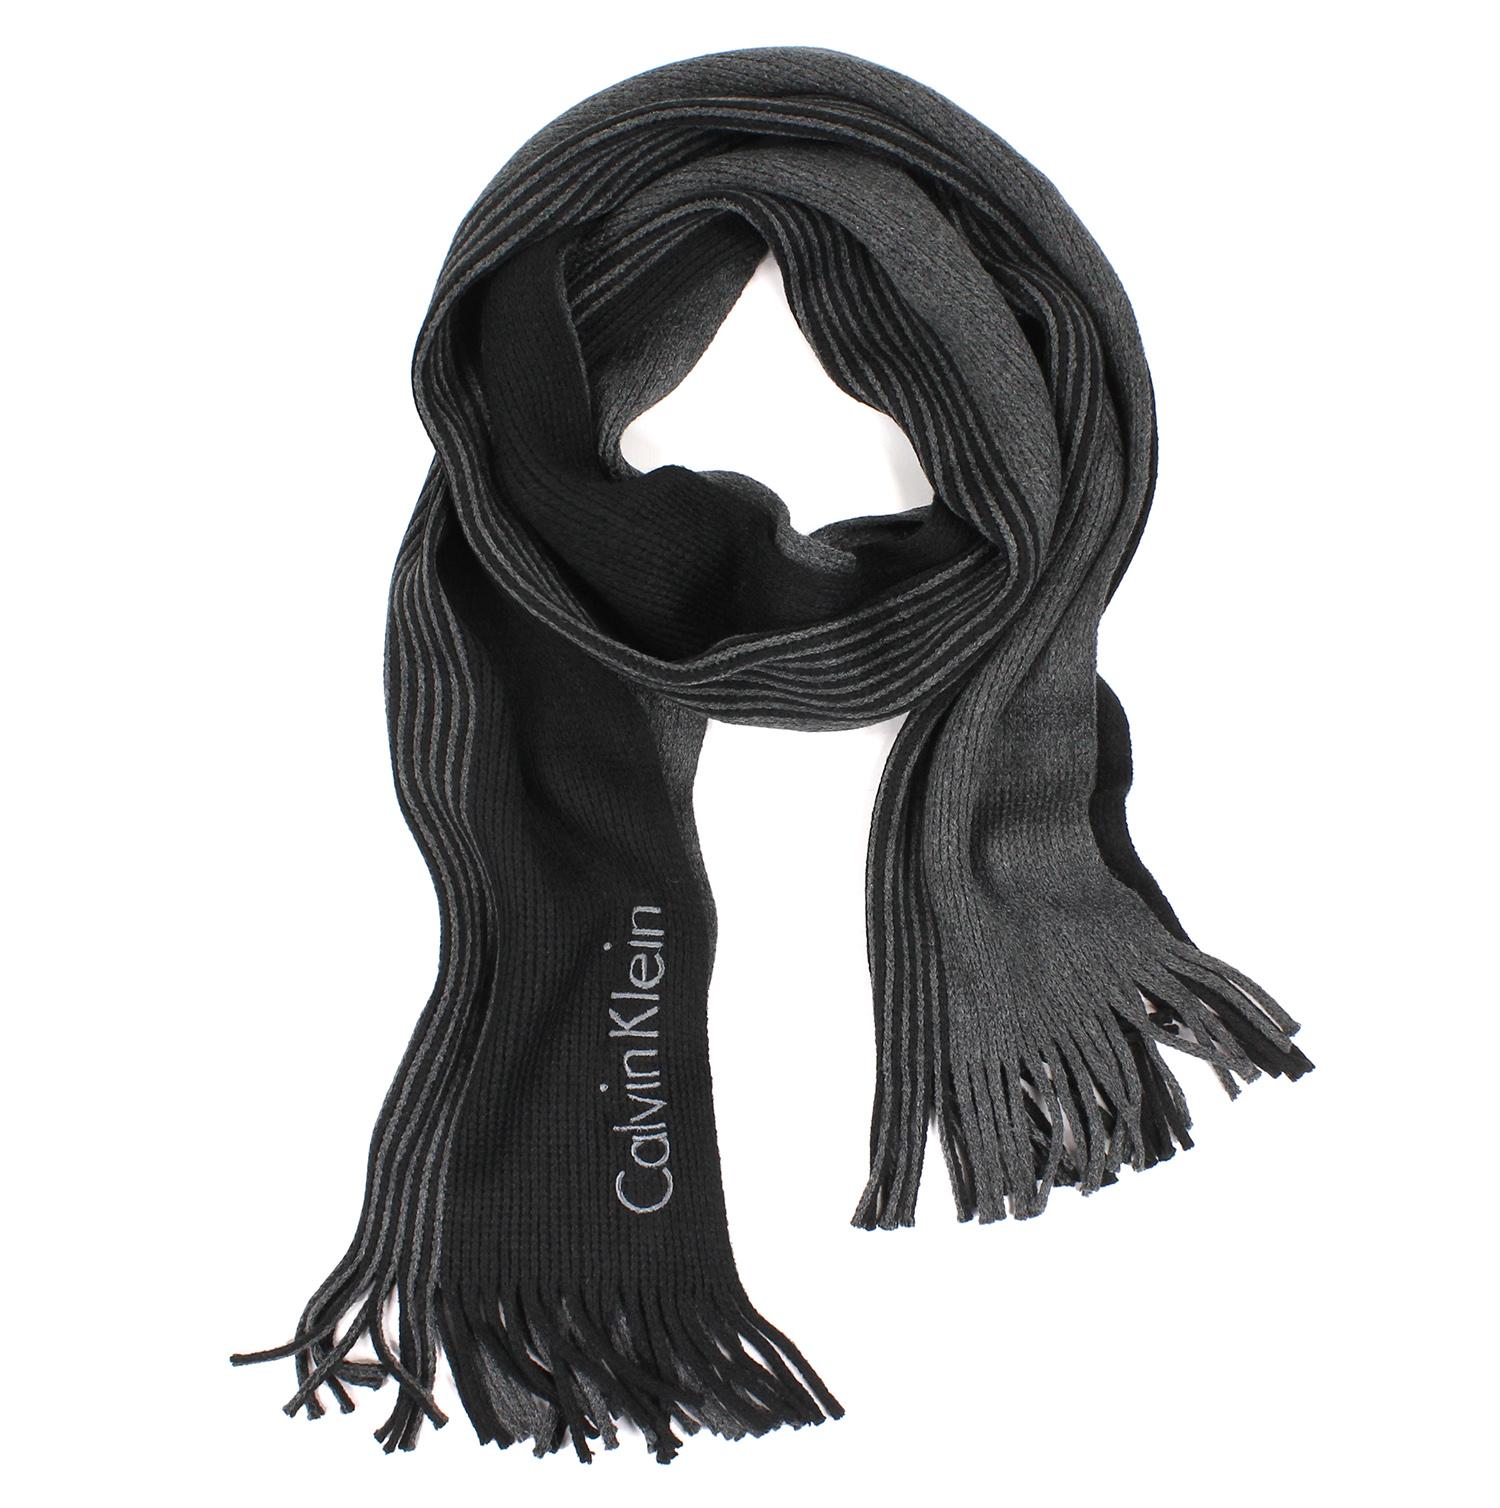 美國百分百【全新真品 】Calvin Klein 圍巾 CK 披肩 披巾 黑 灰 條紋 粗針織 logo 男 E554